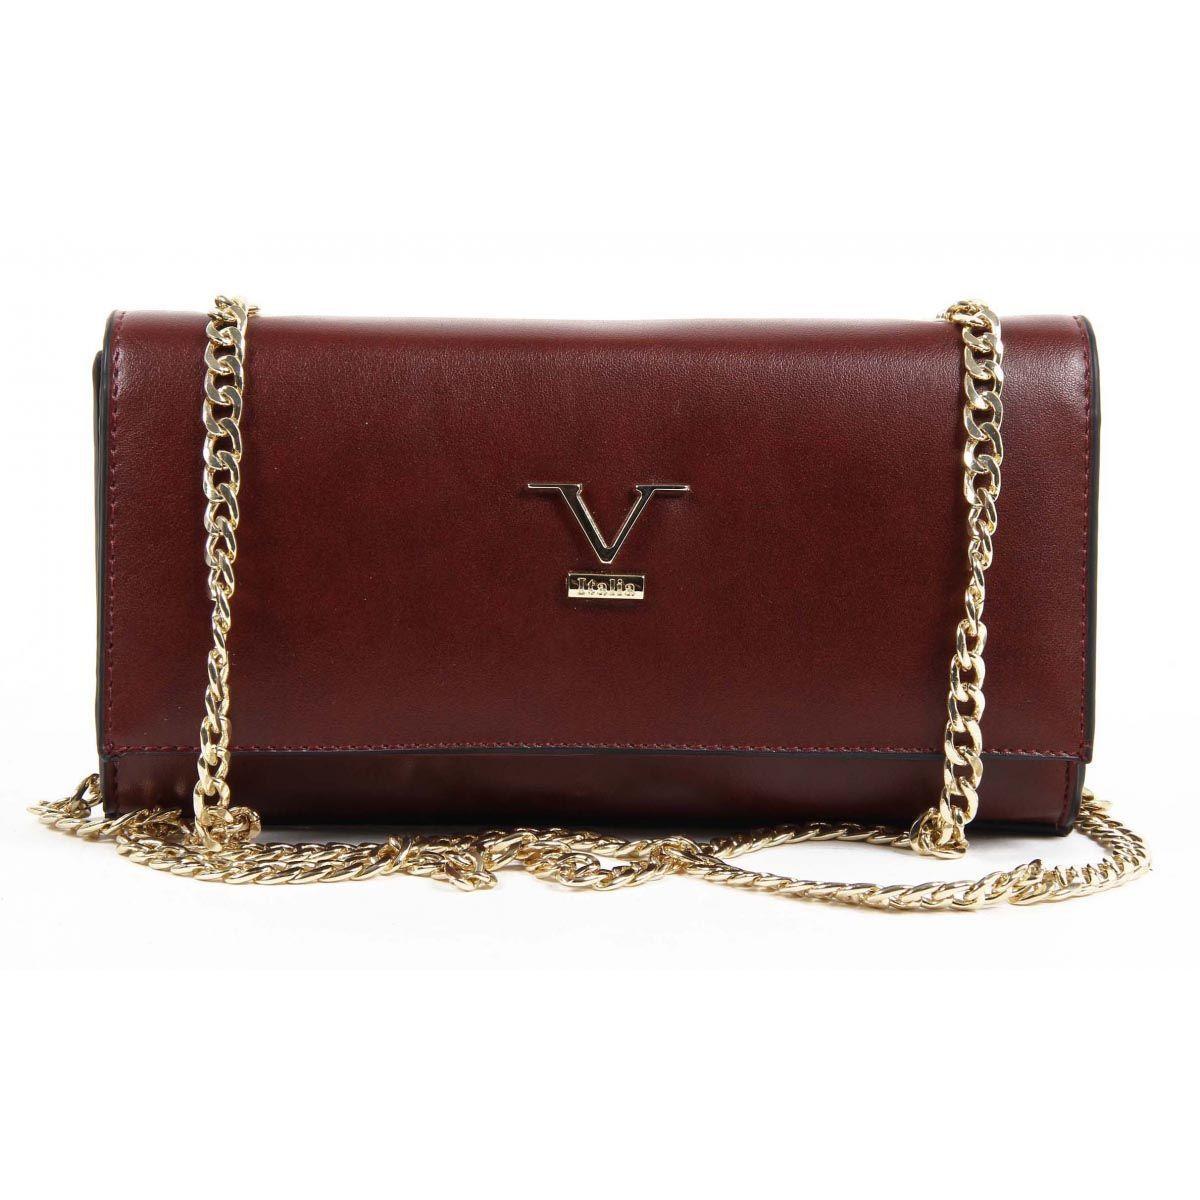 Versace 1969 Abbigliamento Sportivo Srl Milano Italia Womens Handbag VE011 CLARET  RED 4a0d15e386267